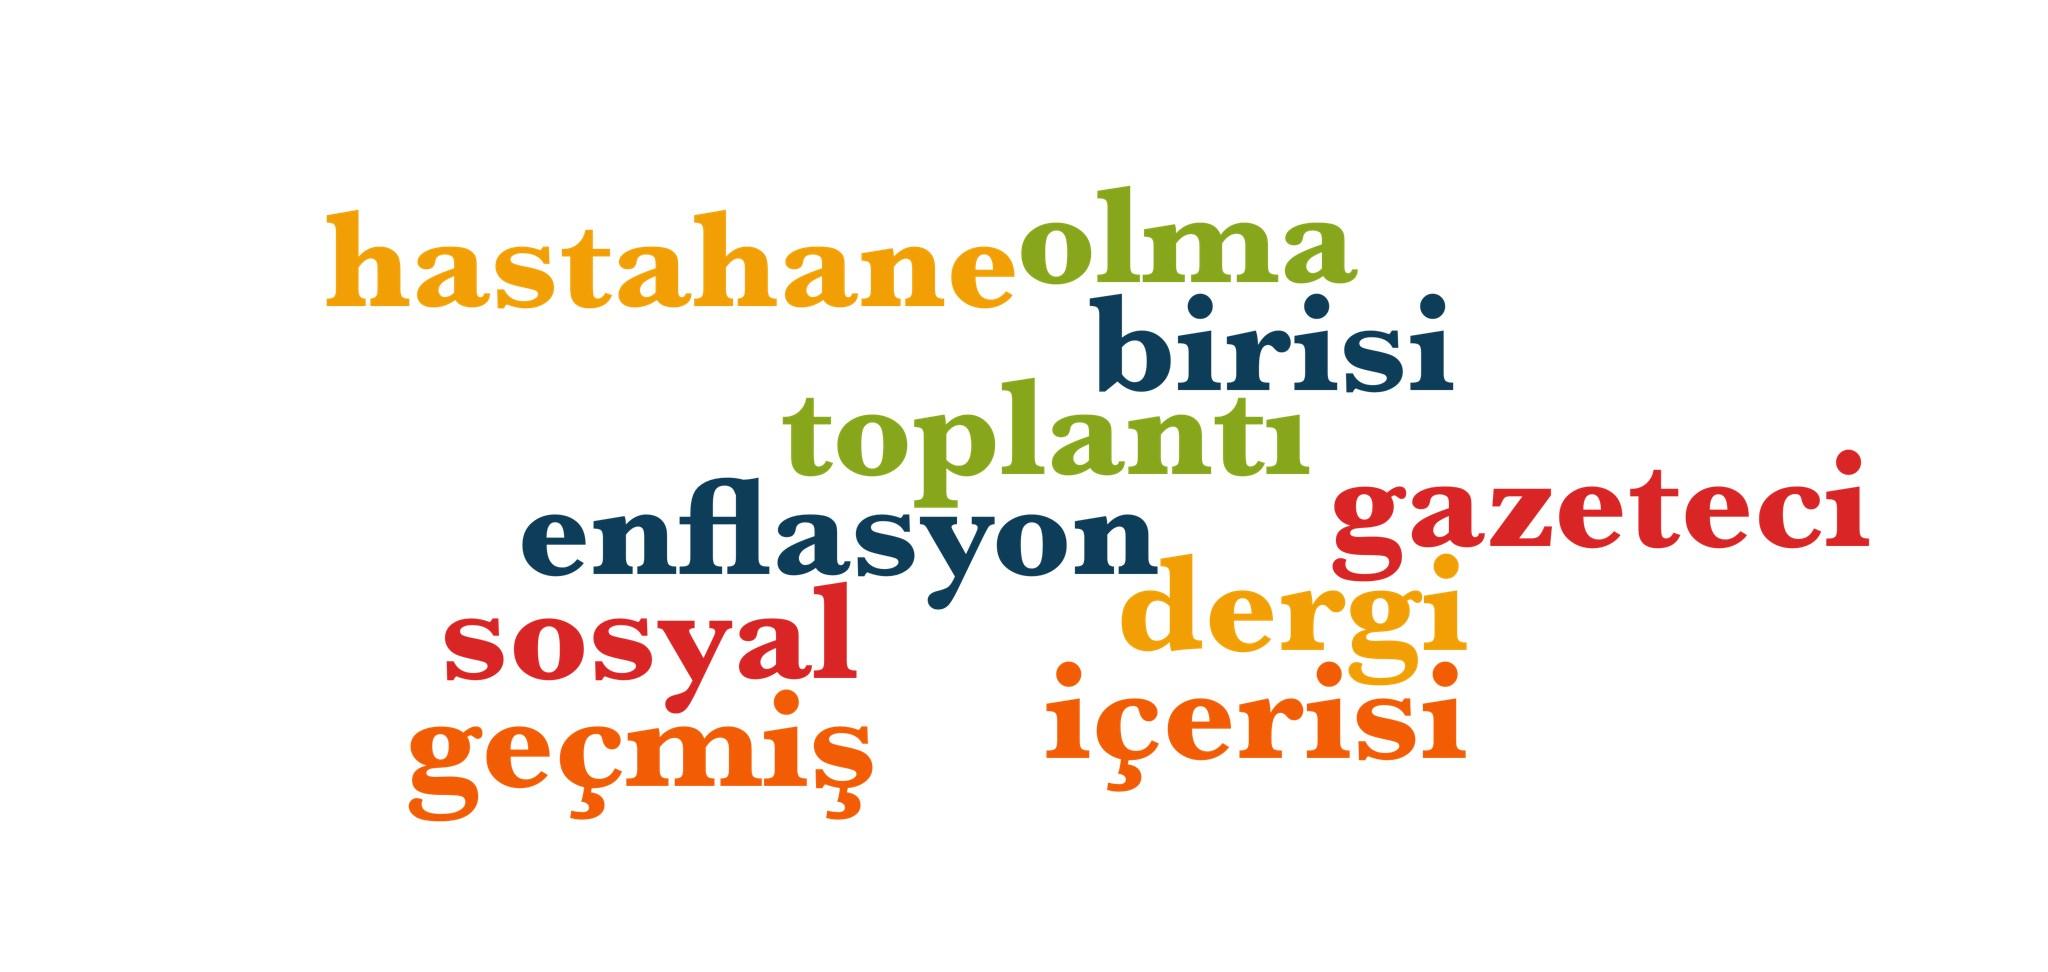 Wörter 771 bis 780 der 1000 häufigsten Wörter der türkischen Sprache